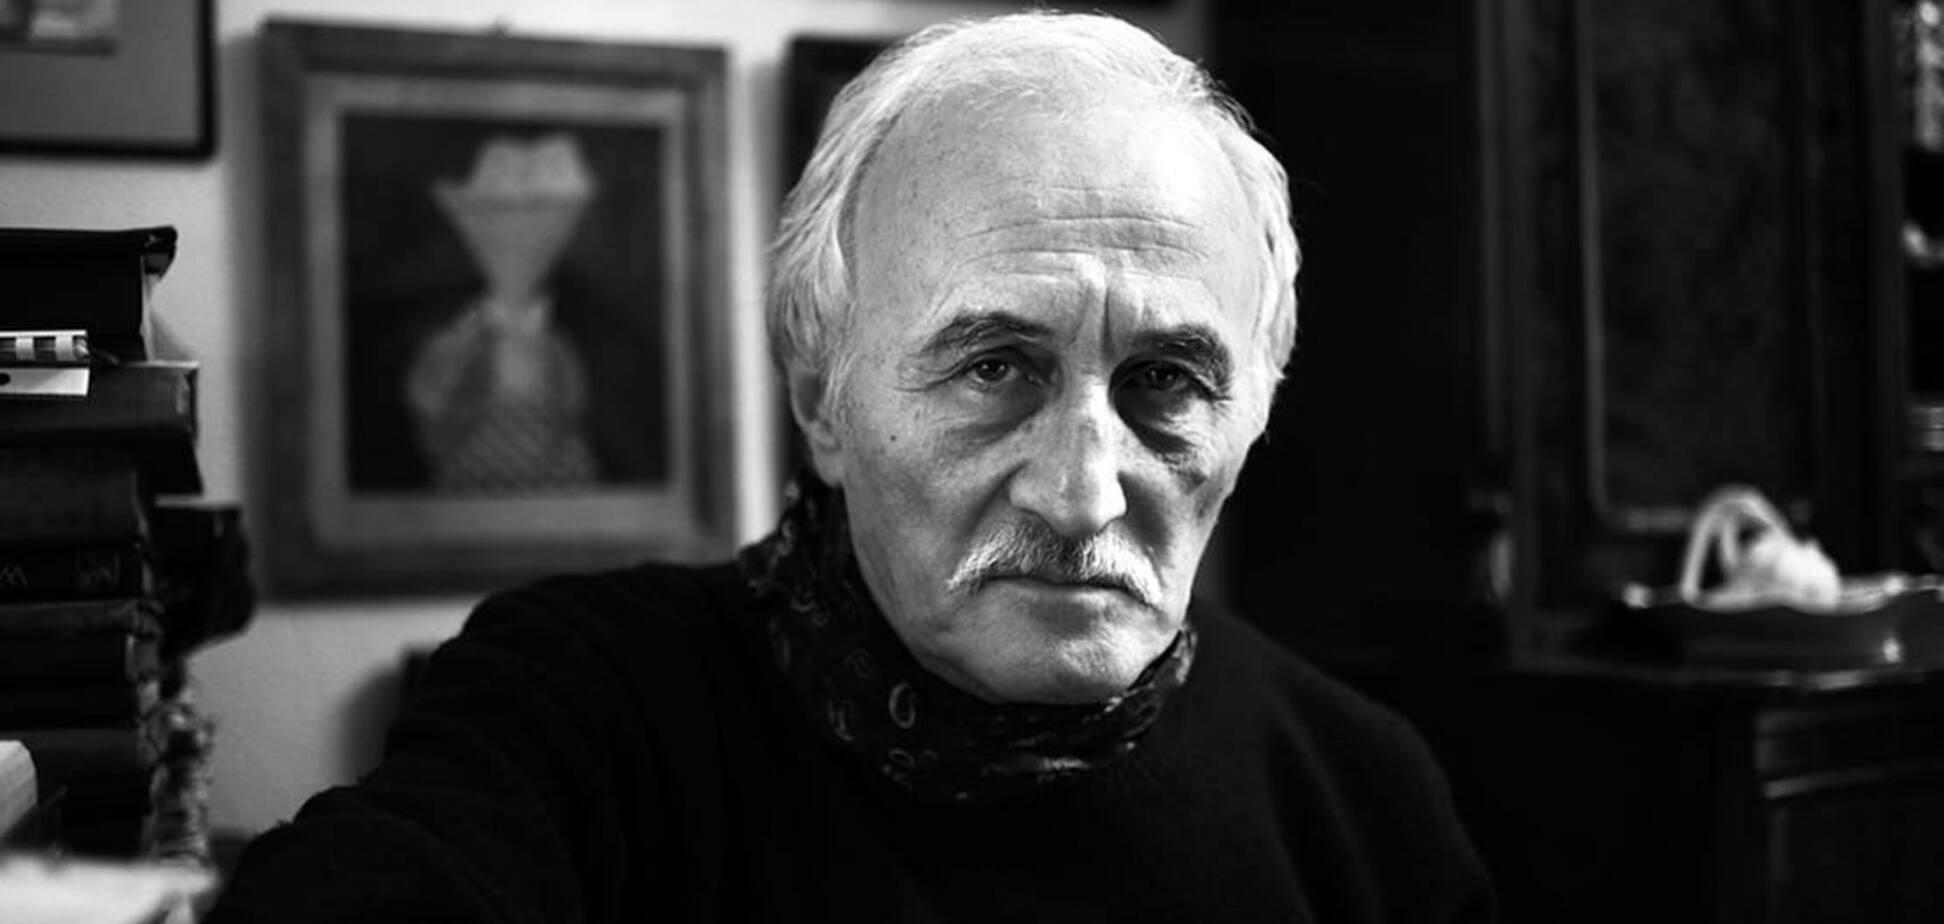 Відомий грузинський режисер Олександр Рехвіашвілі помер від COVID-19